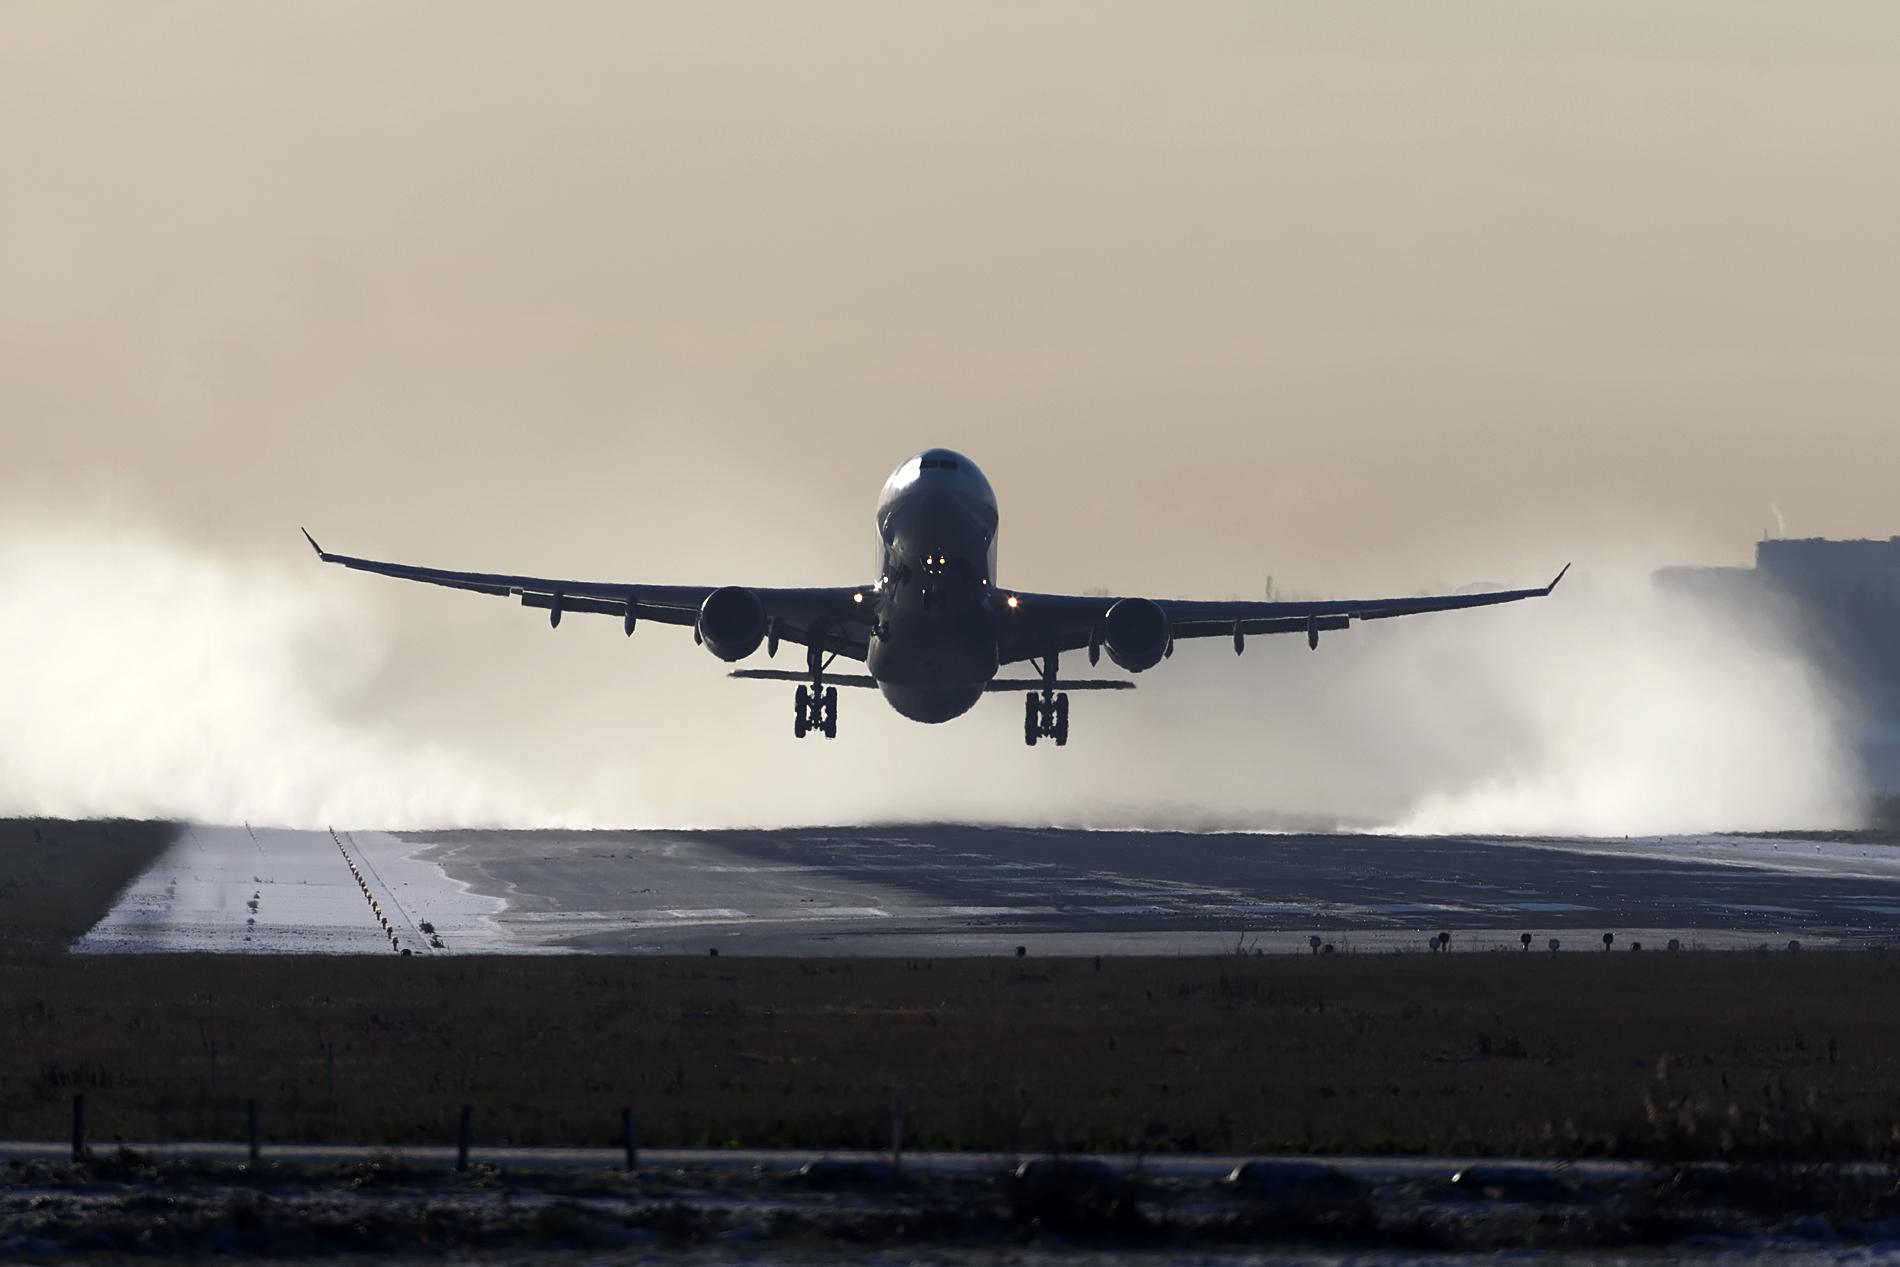 File:Delta A330 take off (8251201991).jpg